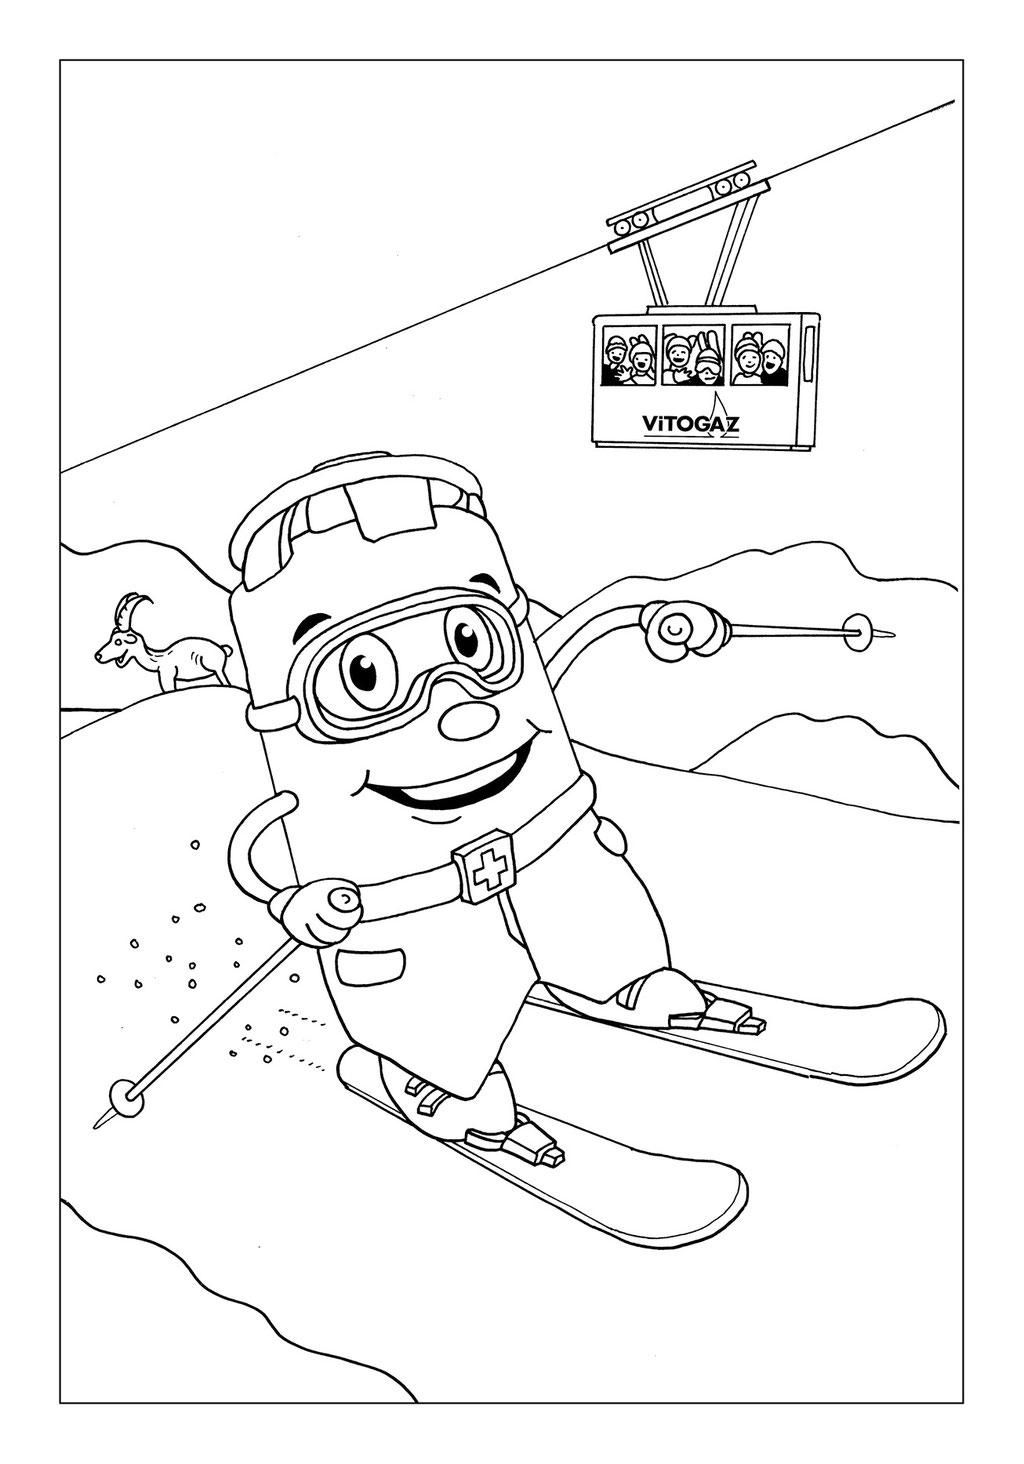 Vitogaz Kinder-Malbuch: Idee Zeichnung und Illustration: beim Ski-Fahren in den Bergen. In Hintergrund eine Seilbahn